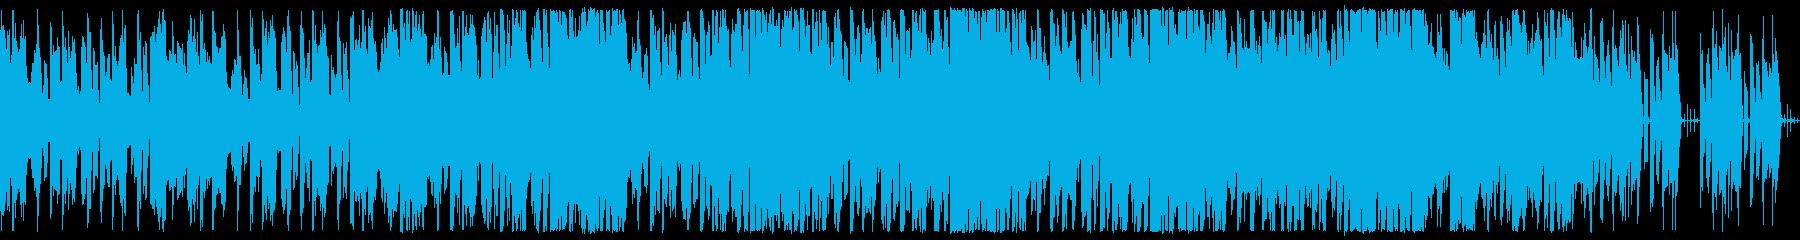 怪しい所を探索 作戦会議等 サイバー系の再生済みの波形